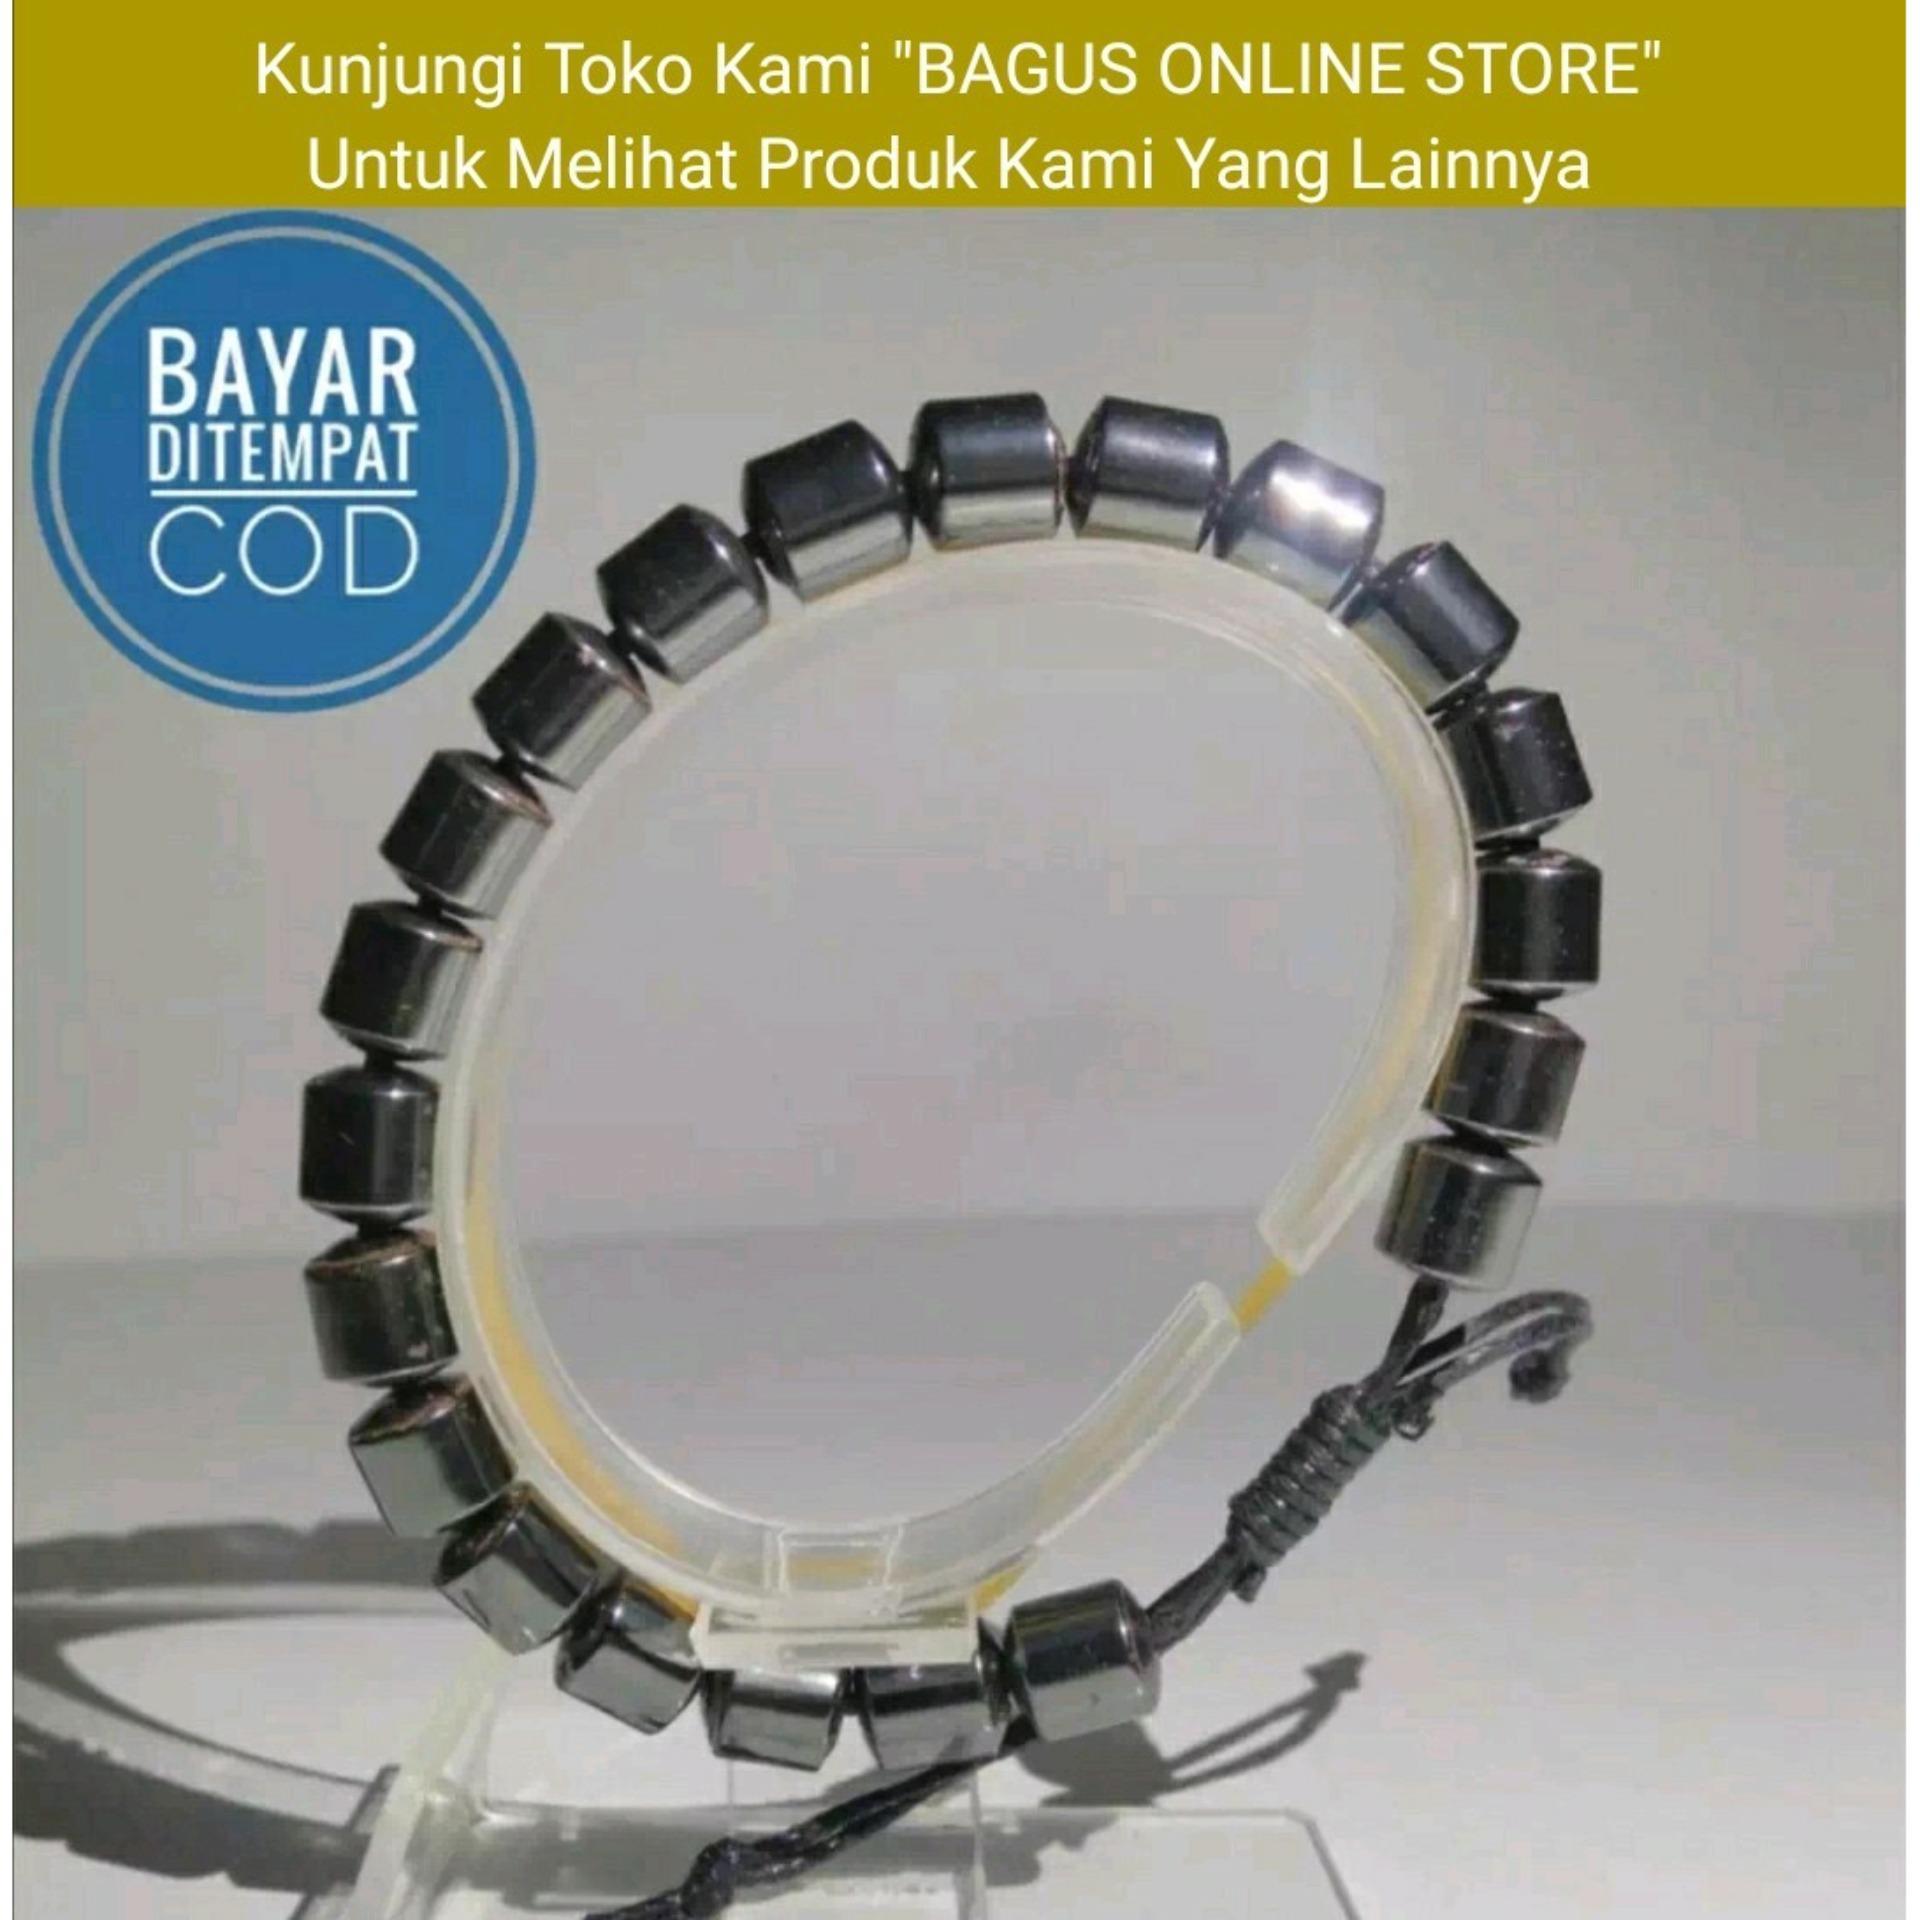 Kelebihan Pria Magnet Gelang Kesehatan Magnetic Keramik Bangles Bio Promo Batu Terapi Stone Dan Wanita